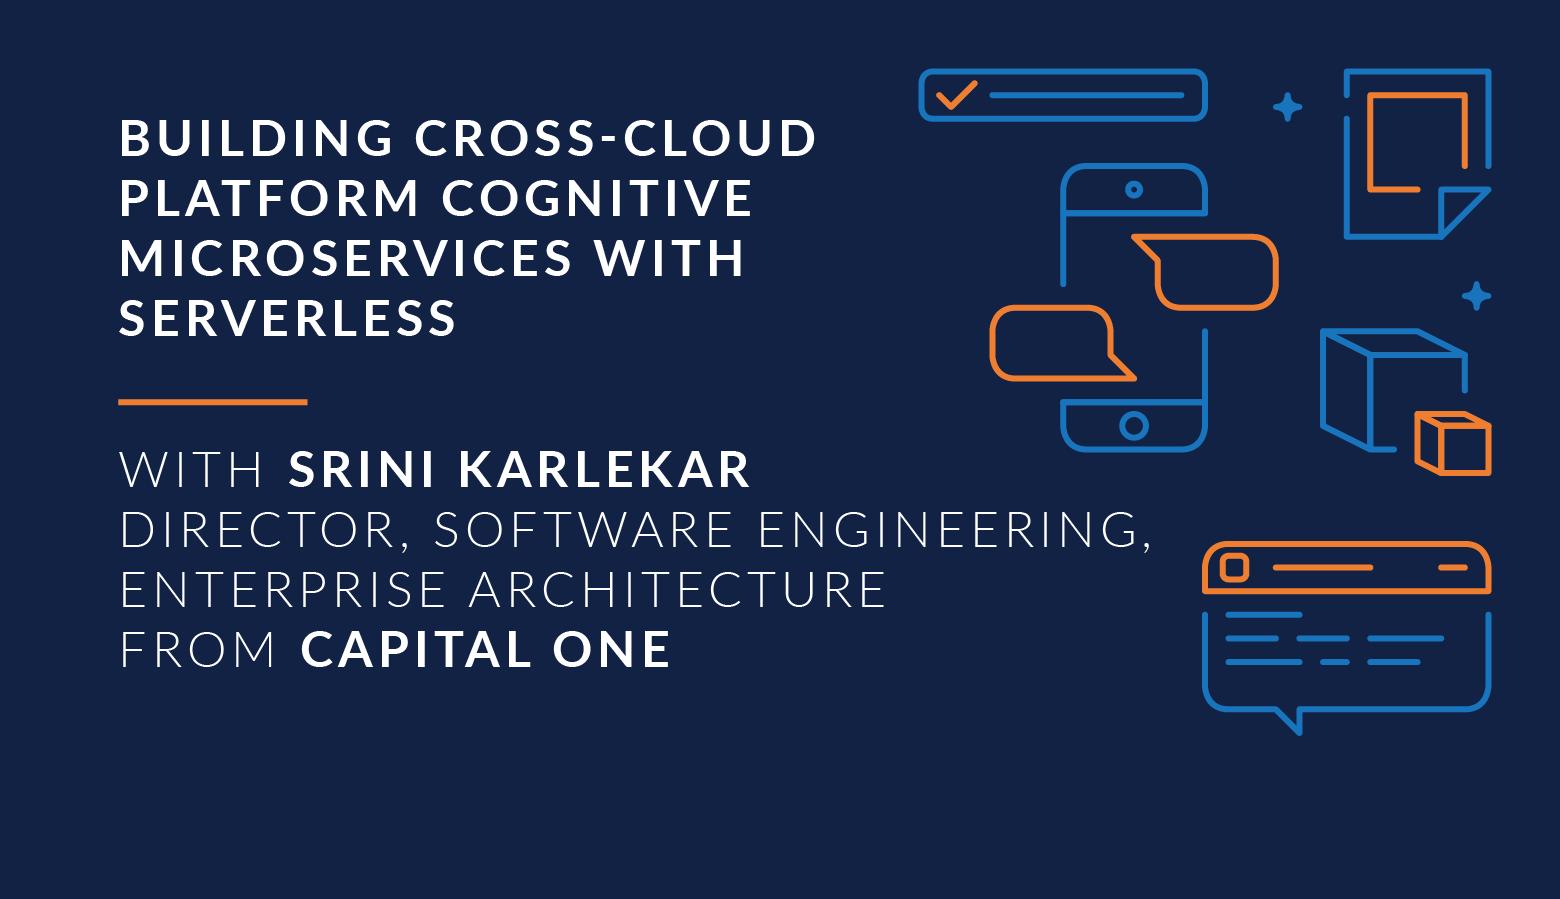 Webinar-Cross-Cloud-Platform-Microservices-Serverless